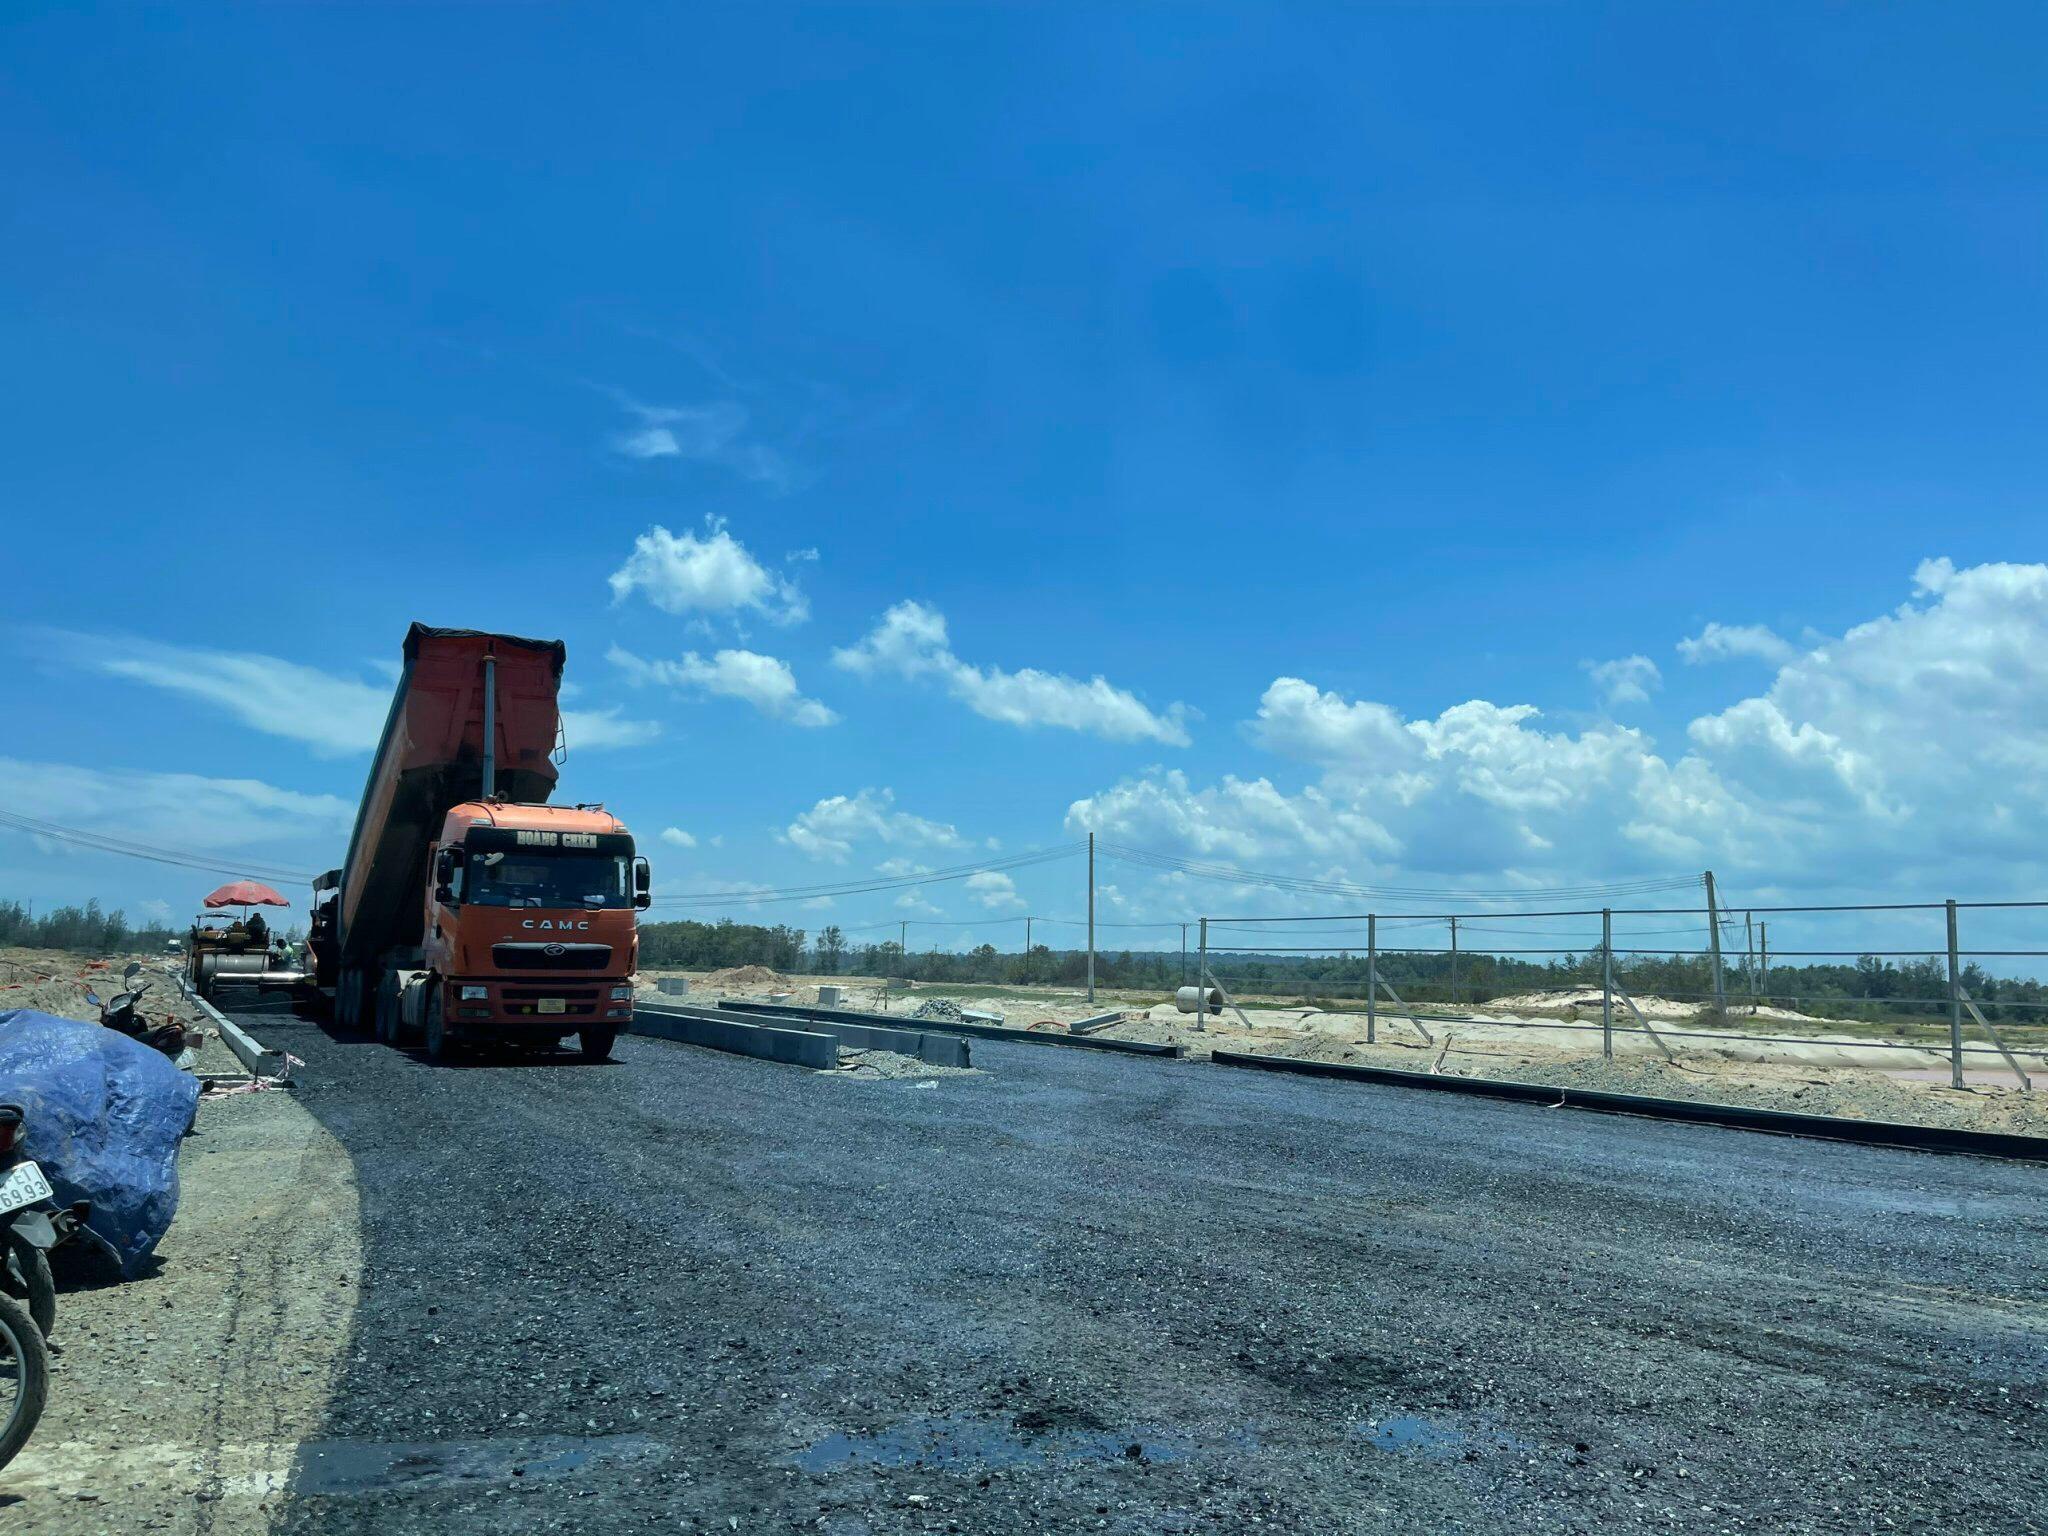 Tiến độ xây dựng dự án Venezia Beach Hồ Tràm được chủ đầu tư gấp rút thi công